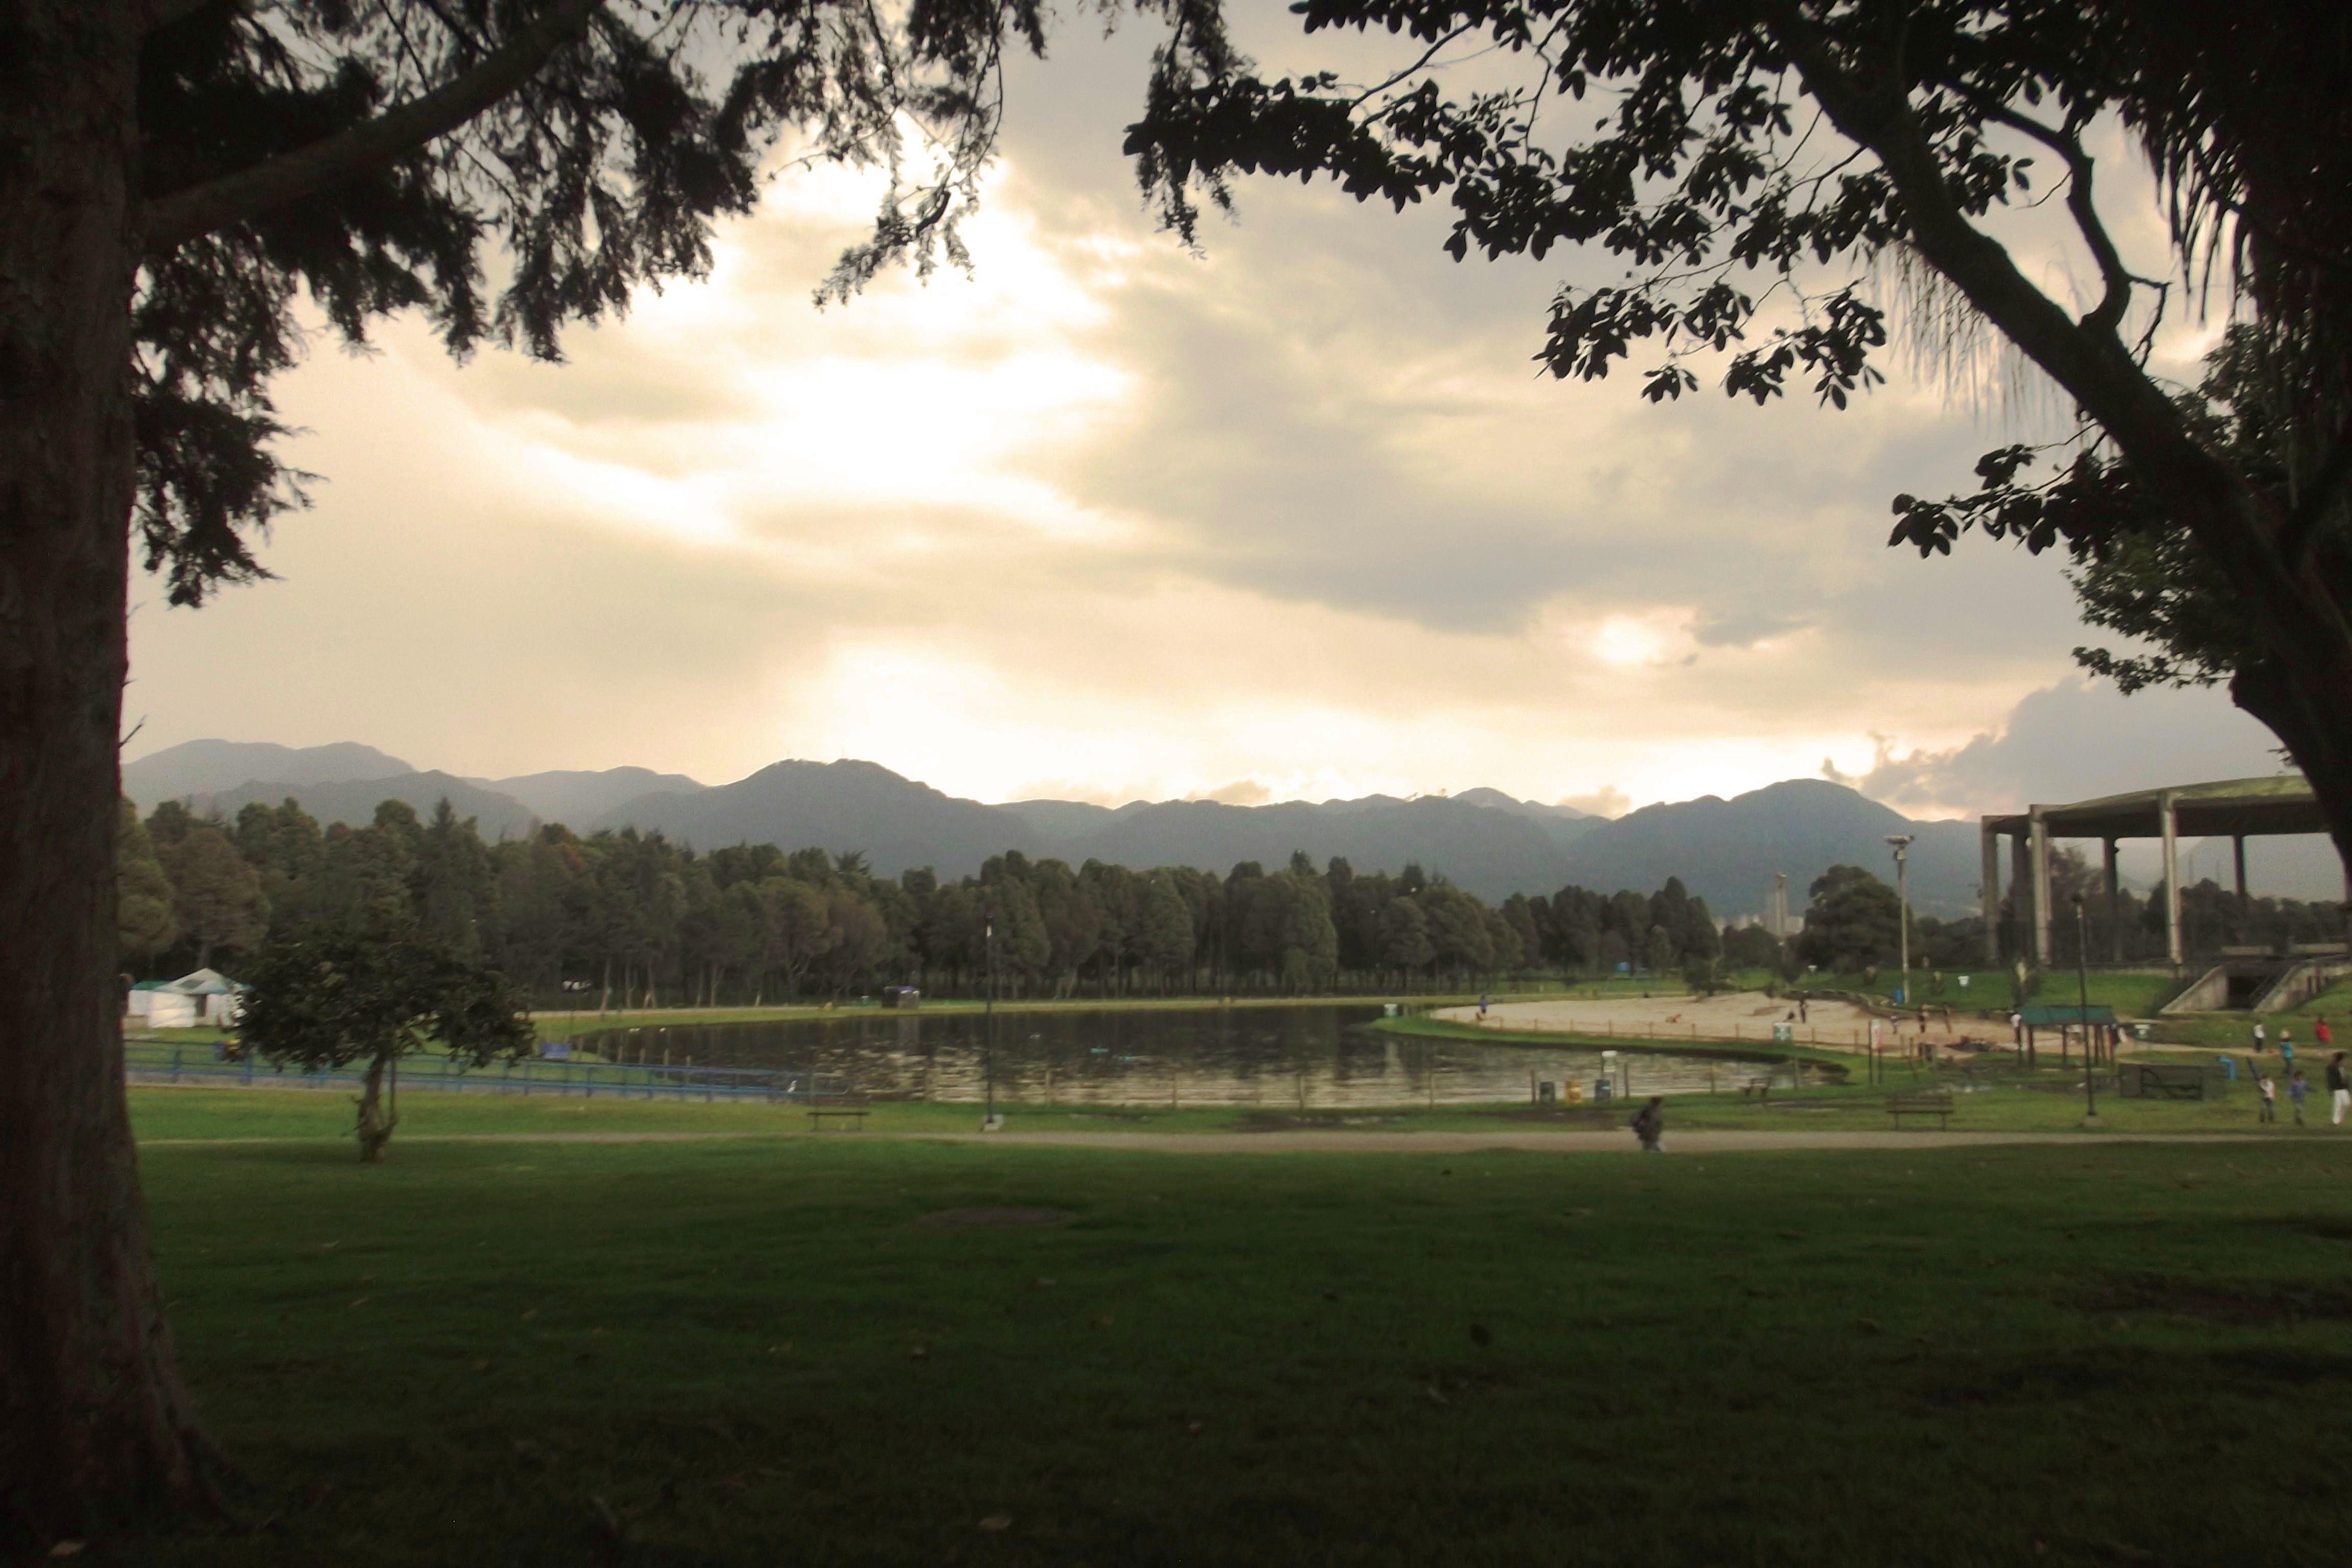 Con una extensión total de 110 Hectáreas, el parque Metropolitano Simón Bolívar de Bogotá cuenta con un lago de 11 Hectáreas (foto), 16 kilómetros en red de caminos, ciclovía permanente, pista de trote y muchos otros recursos y/o servicios para el esparcimiento de los bogotanos.  Para más información: http://portel.bogota.gov.co/vis/public%20simon%20bolivar/parque%20simon%20bolivar.html